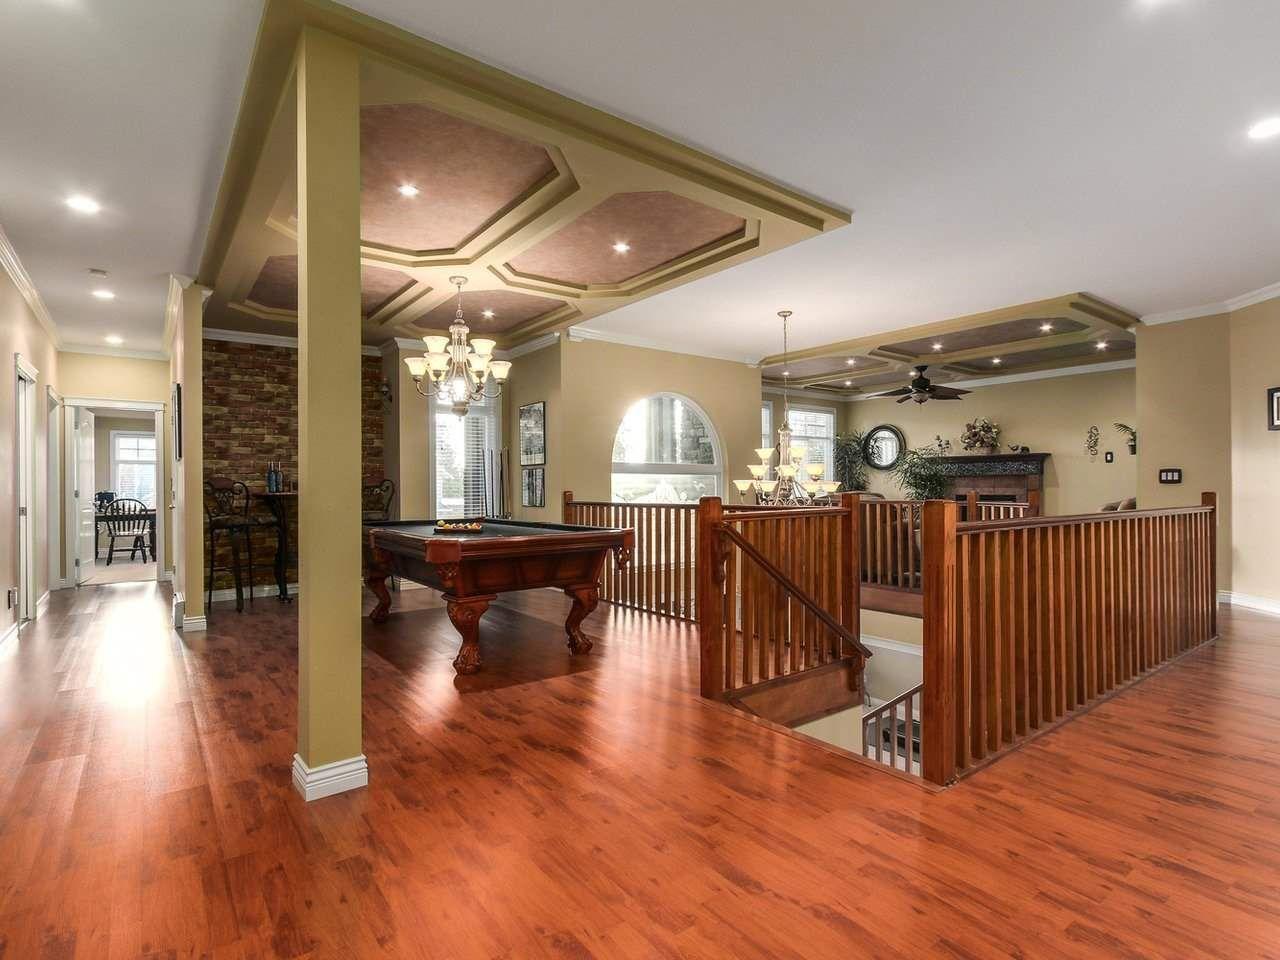 Photo 5: Photos: 725 REGAN Avenue in Coquitlam: Coquitlam West House for sale : MLS®# R2226266